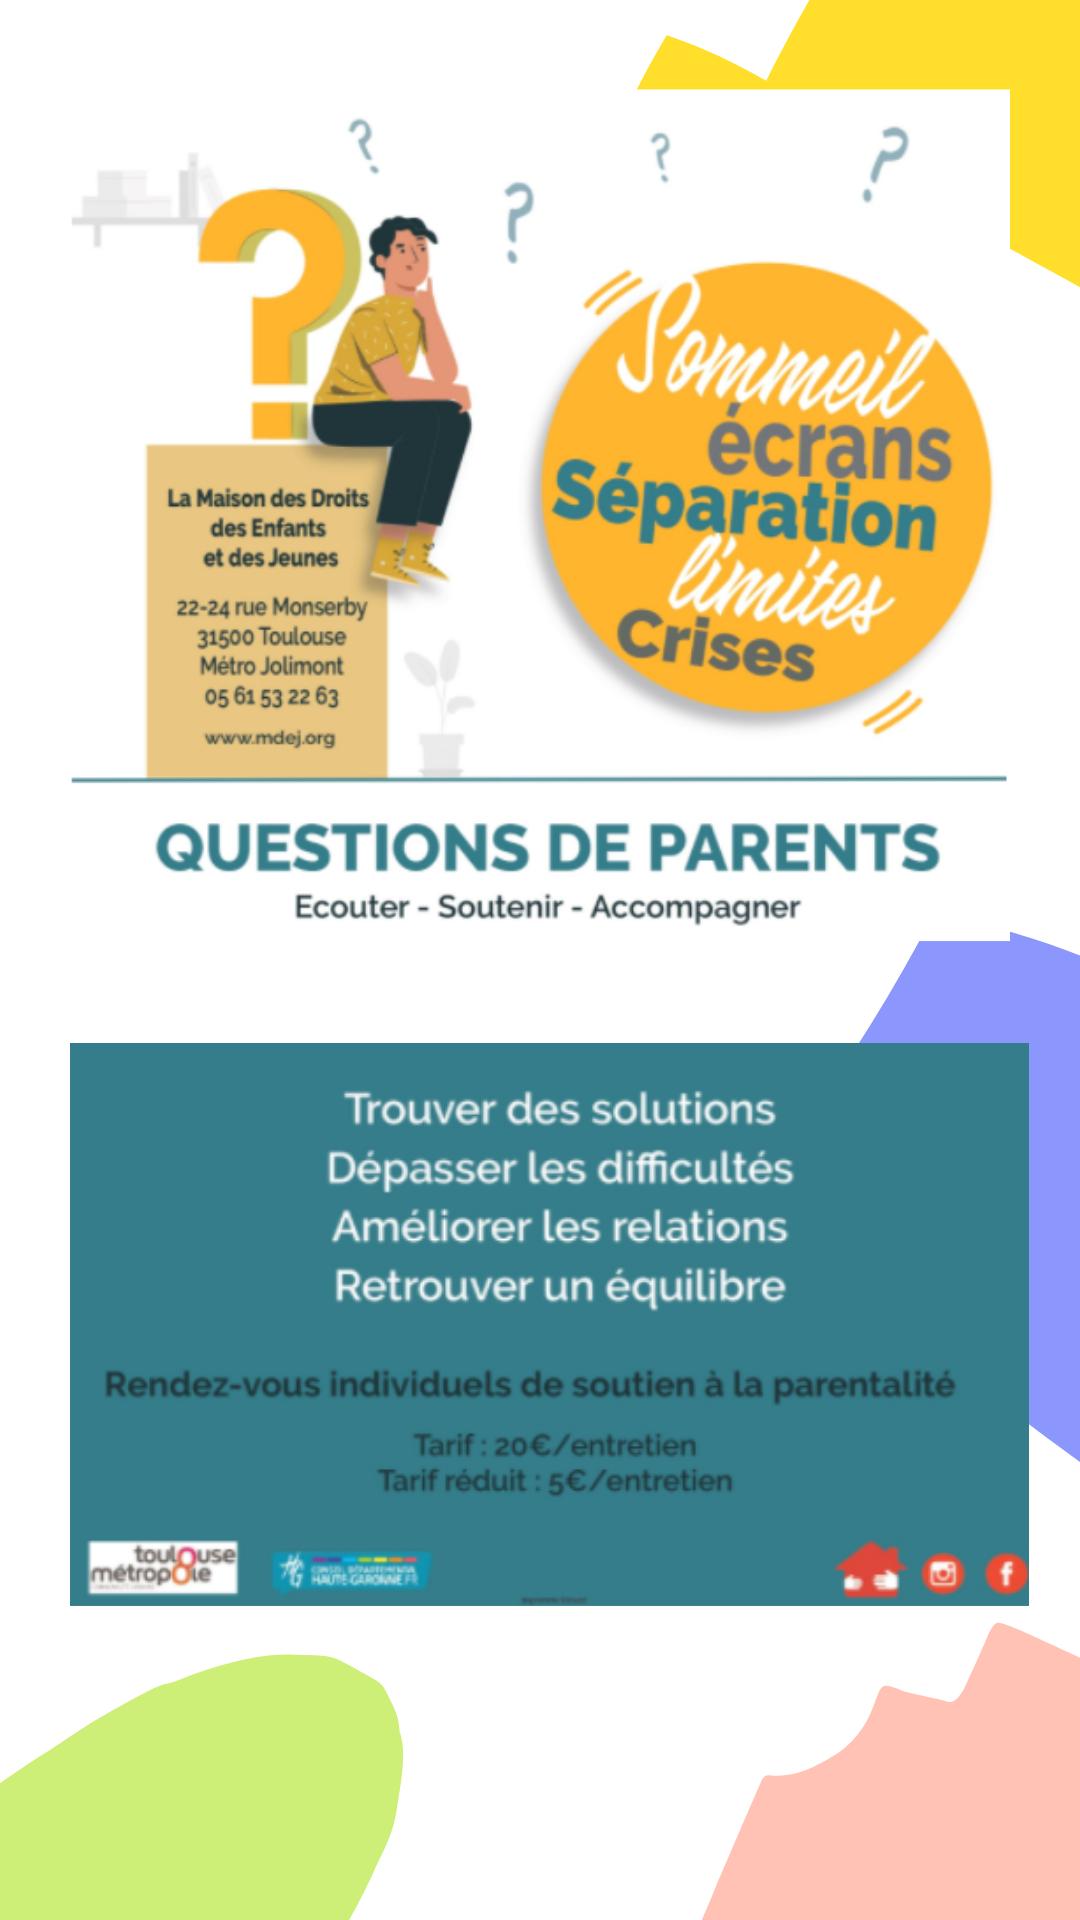 affiche de présentation de la maison des droits des enfants et des jeunes